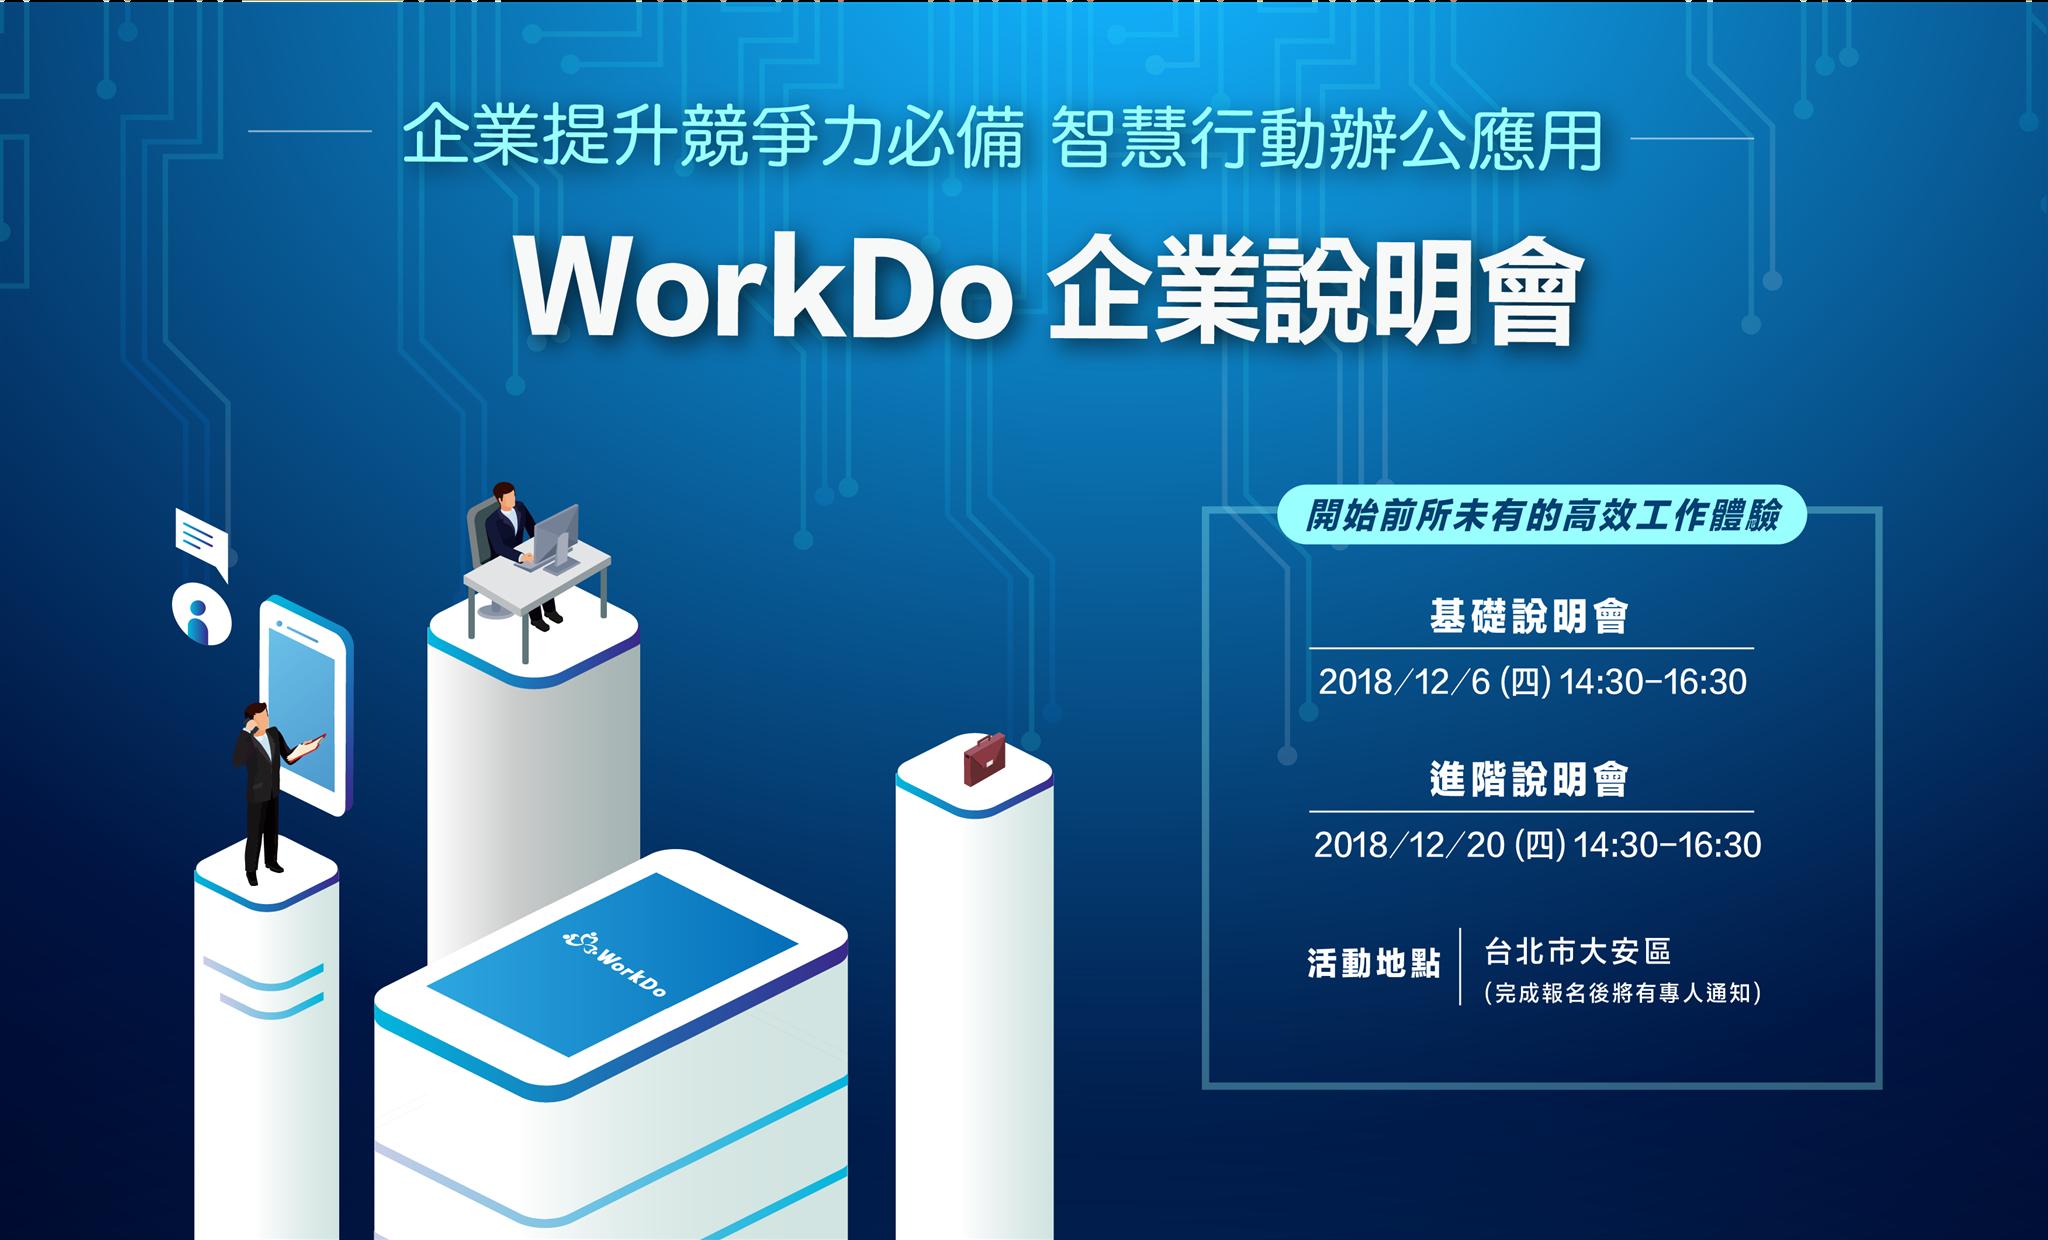 WorkDo,行動辦公,企業協作